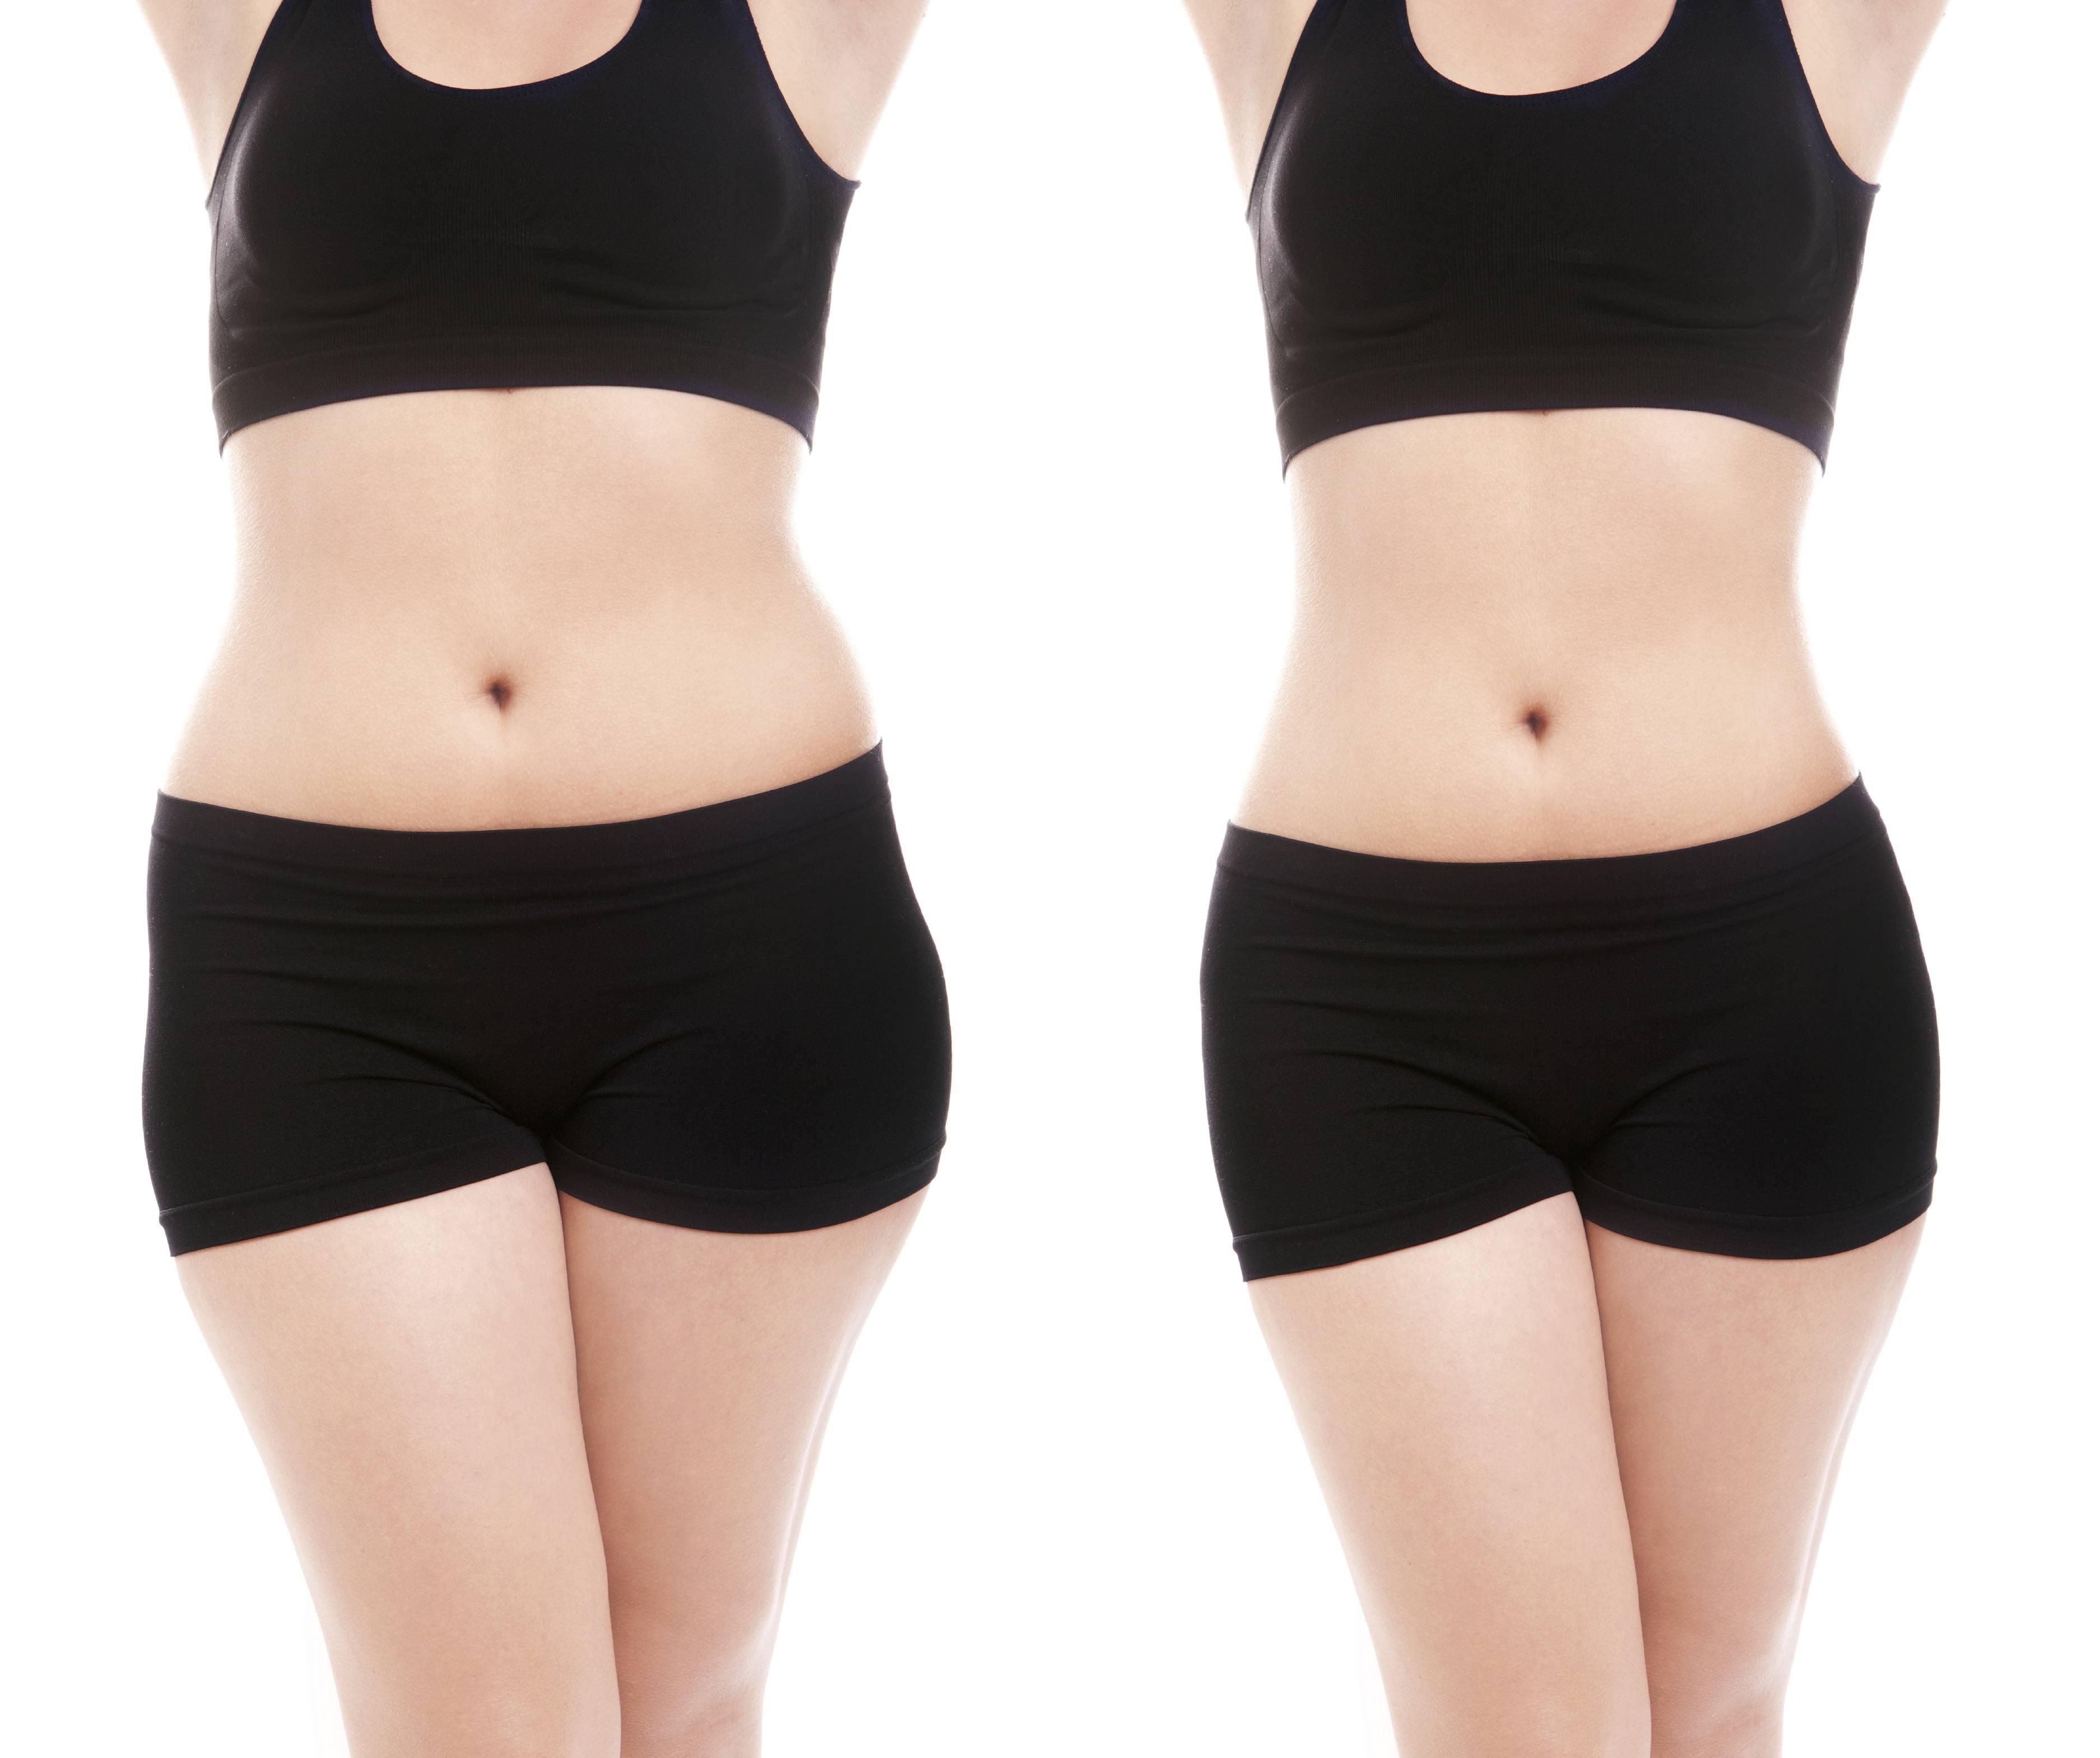 perdere peso in un mese 10 kg